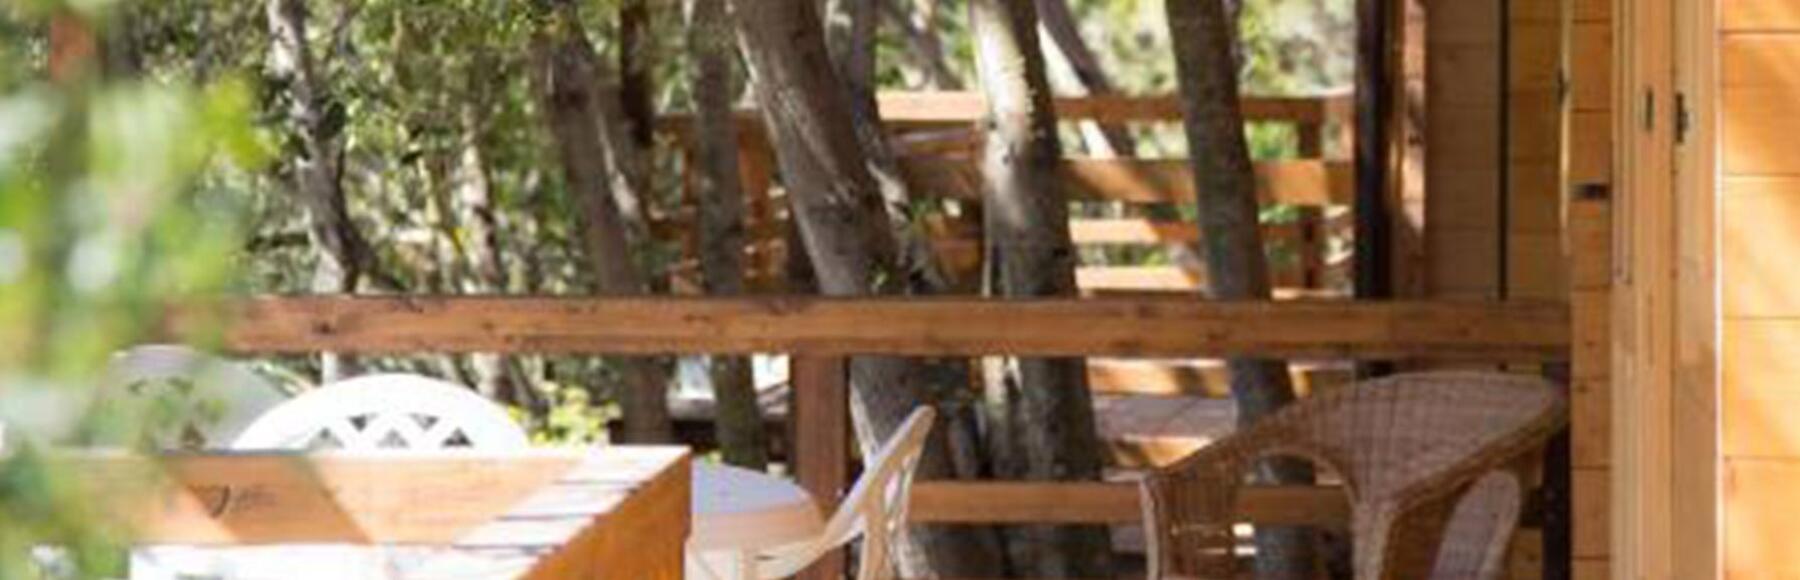 elbadoc-campingvillage en bungalow 005